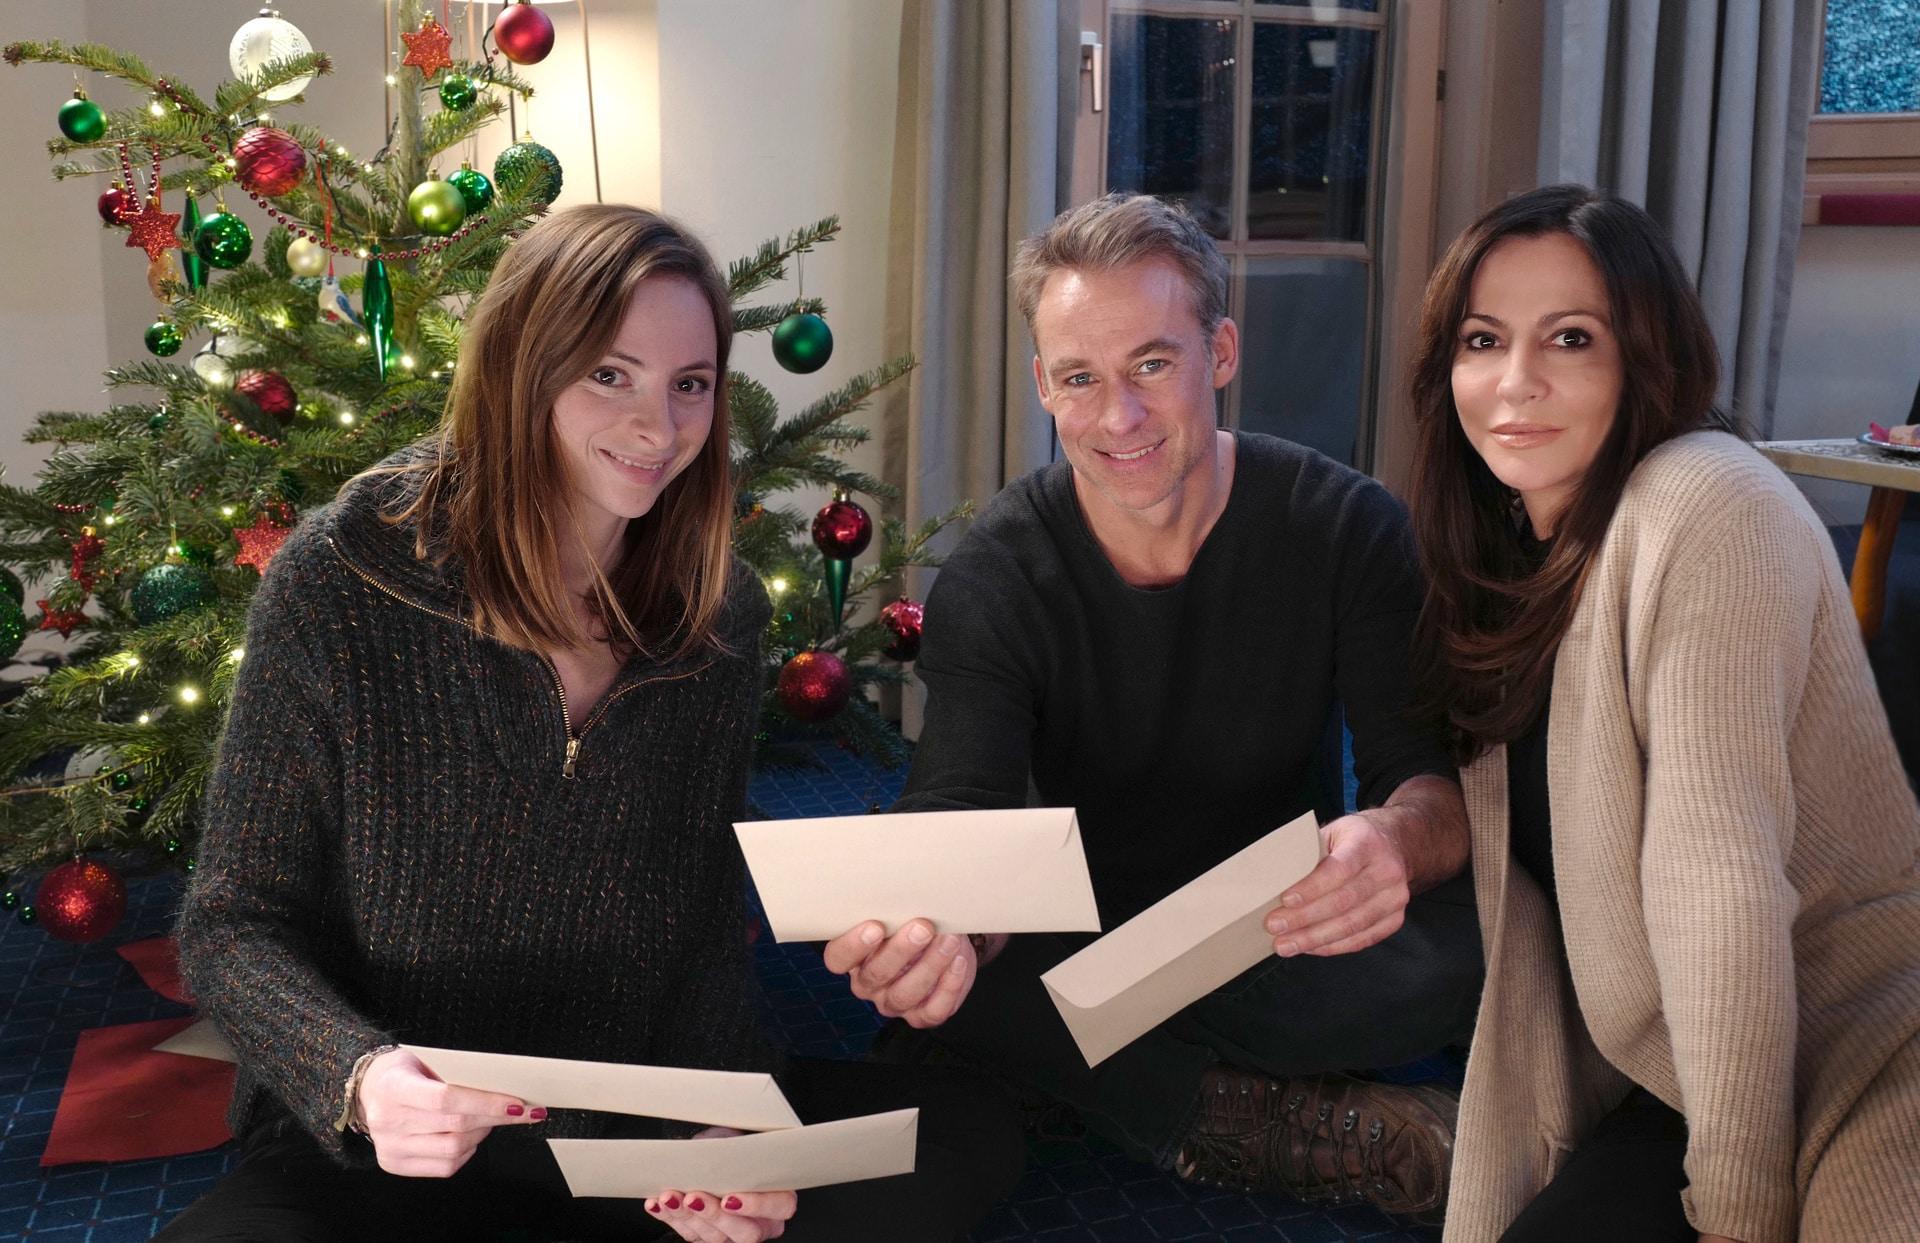 Frühling - Weihnachtswunder mit Simone Thomalla im ZDF!